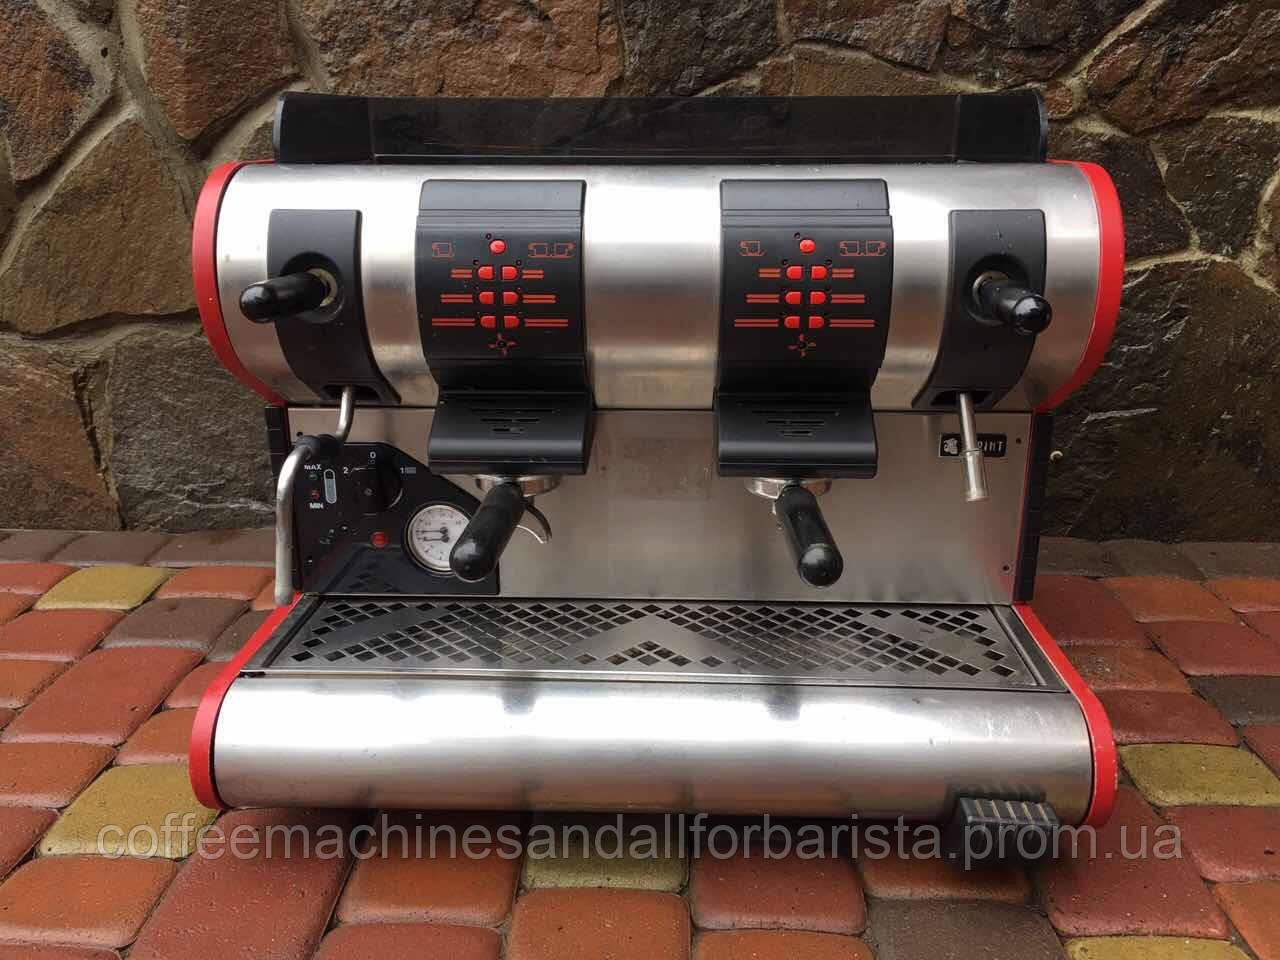 Кофемашина La San Marco Sprint (компакт,2группы)